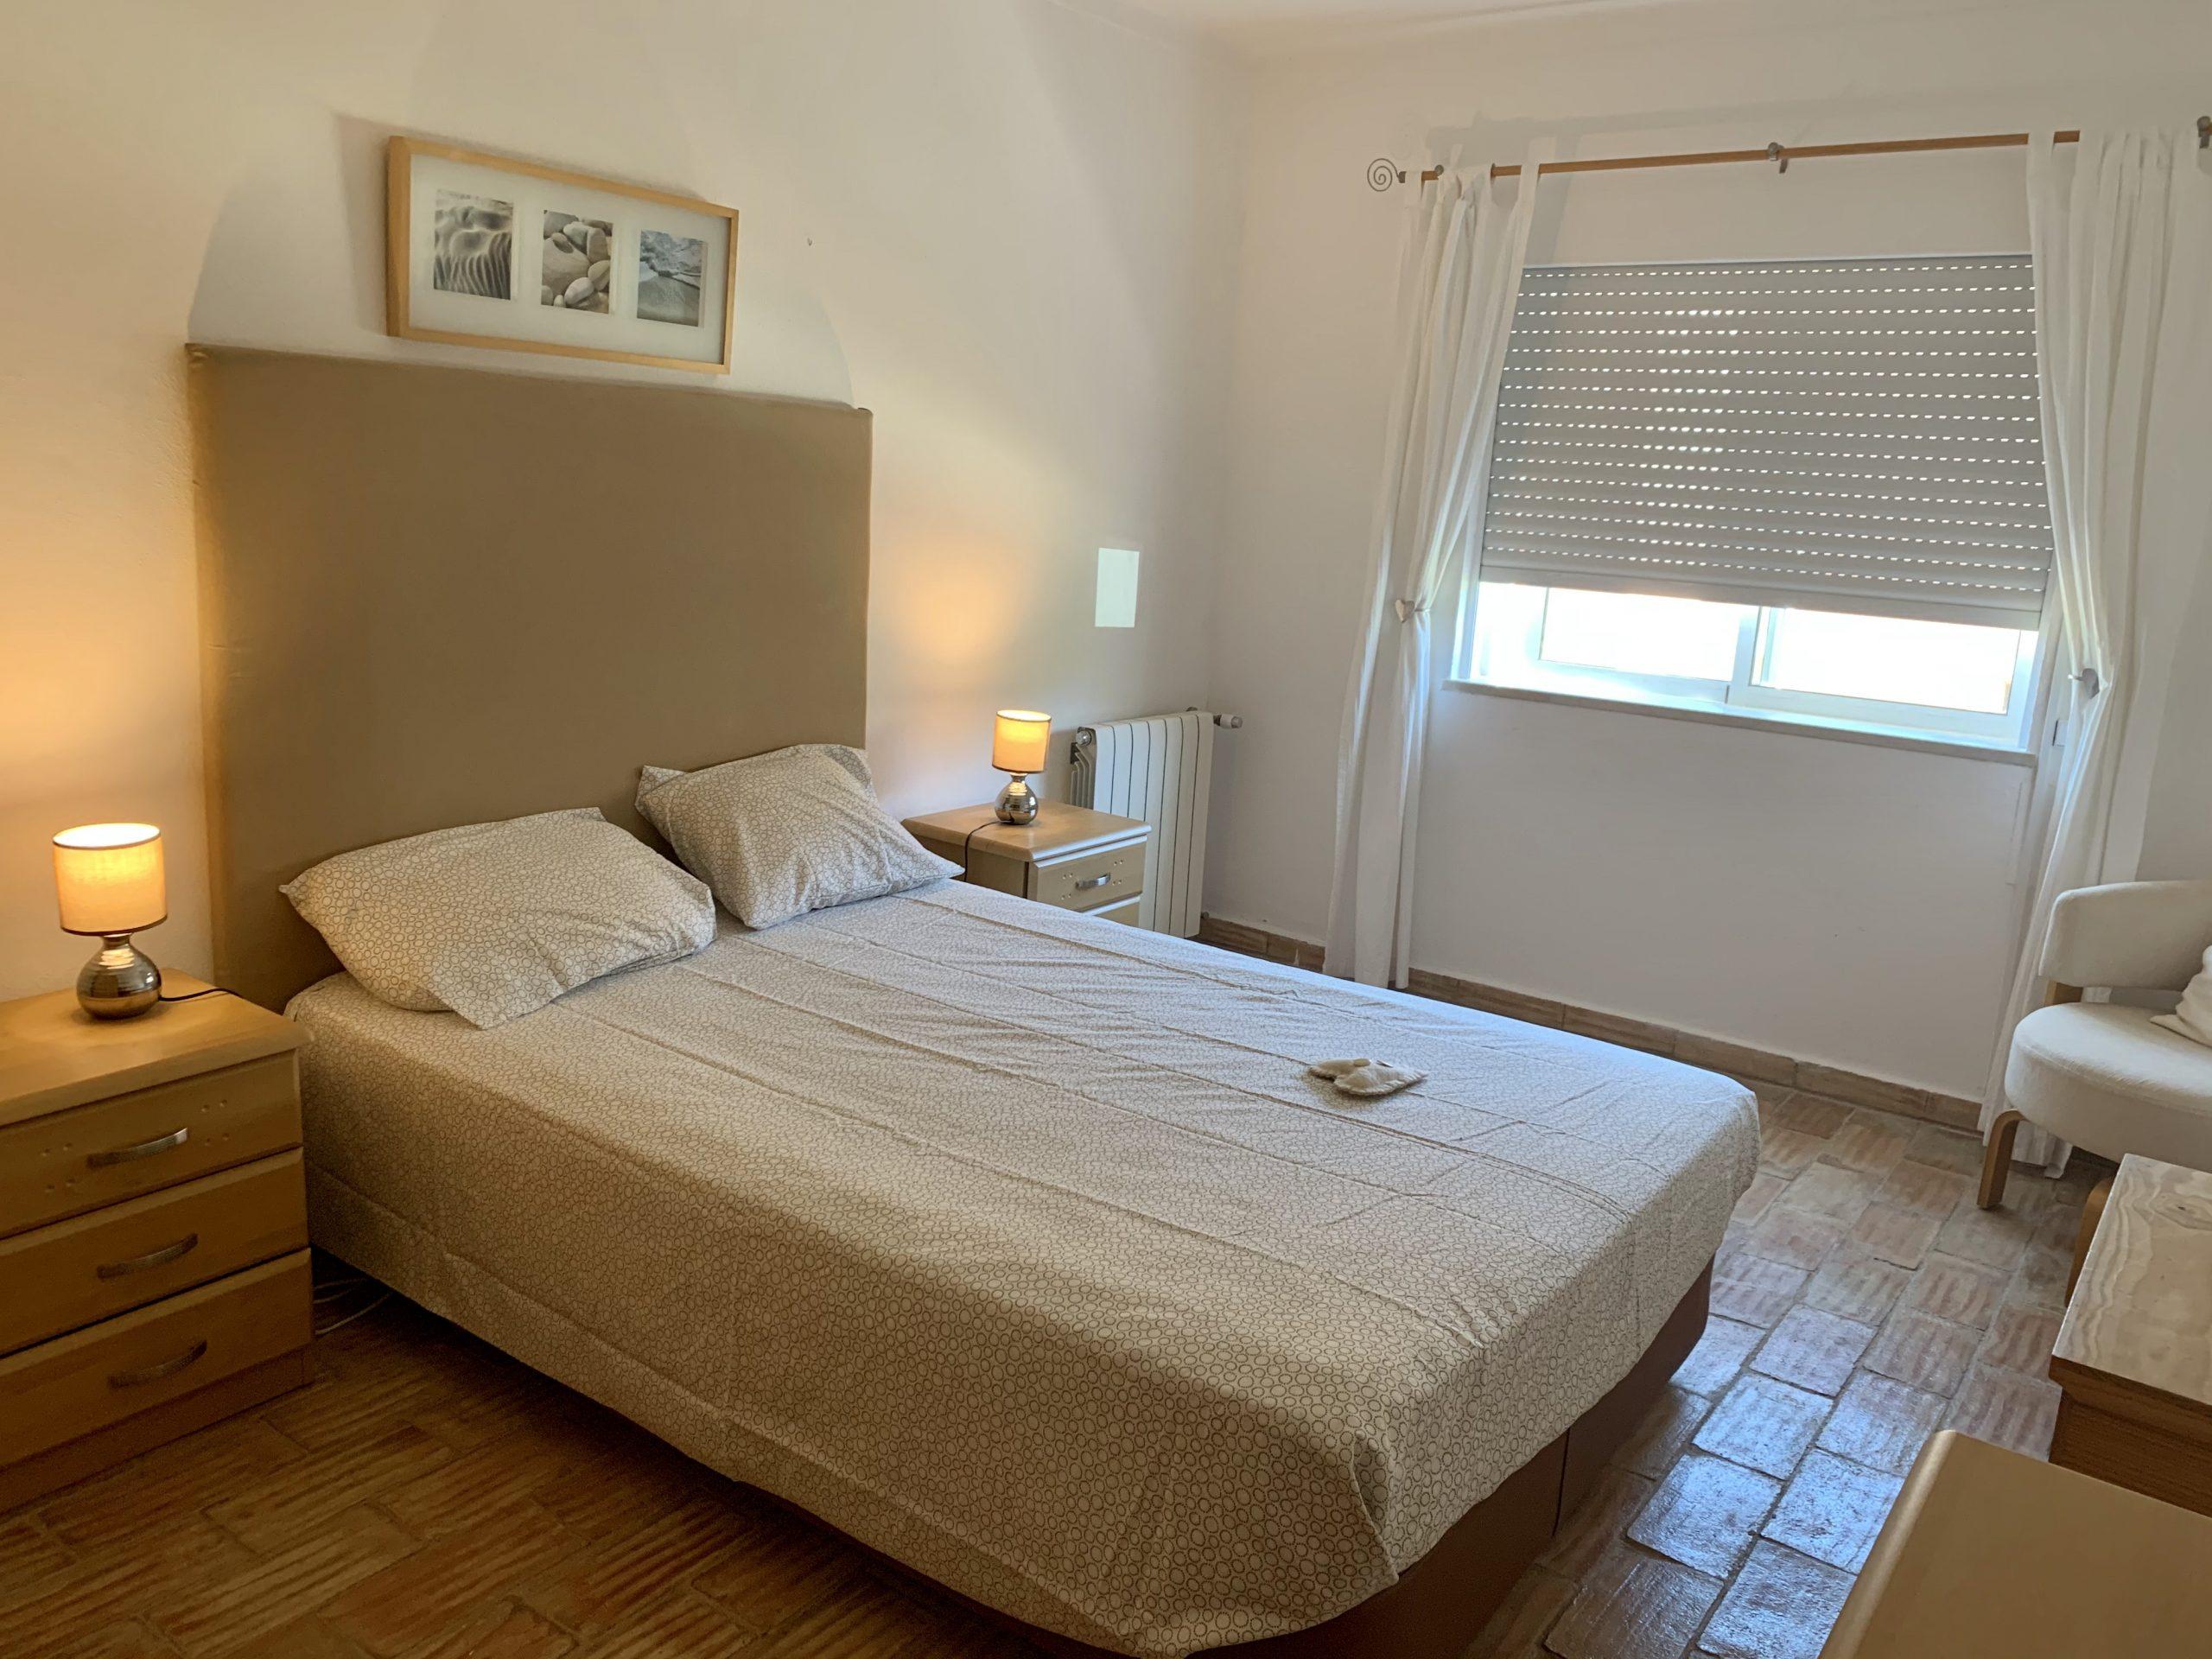 Location appartements et villas de vacance, Maison de vacances praia da Luz face à la mer à Lagos, Portugal Algarve, REF_IMG_2627_17923